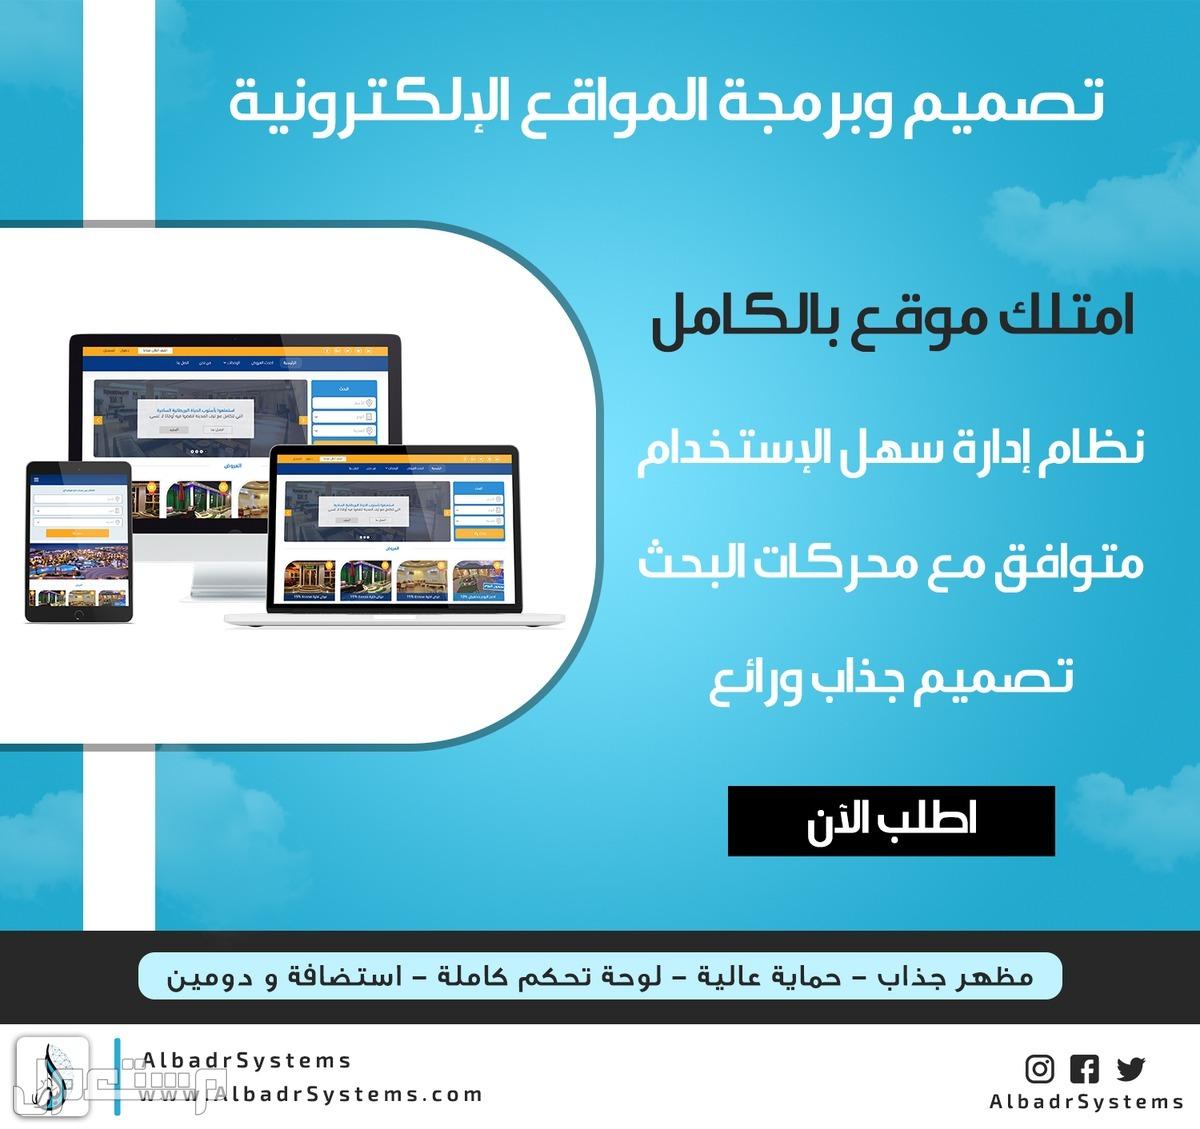 تصميم مواقع تعريفية للمؤسسات التجارية